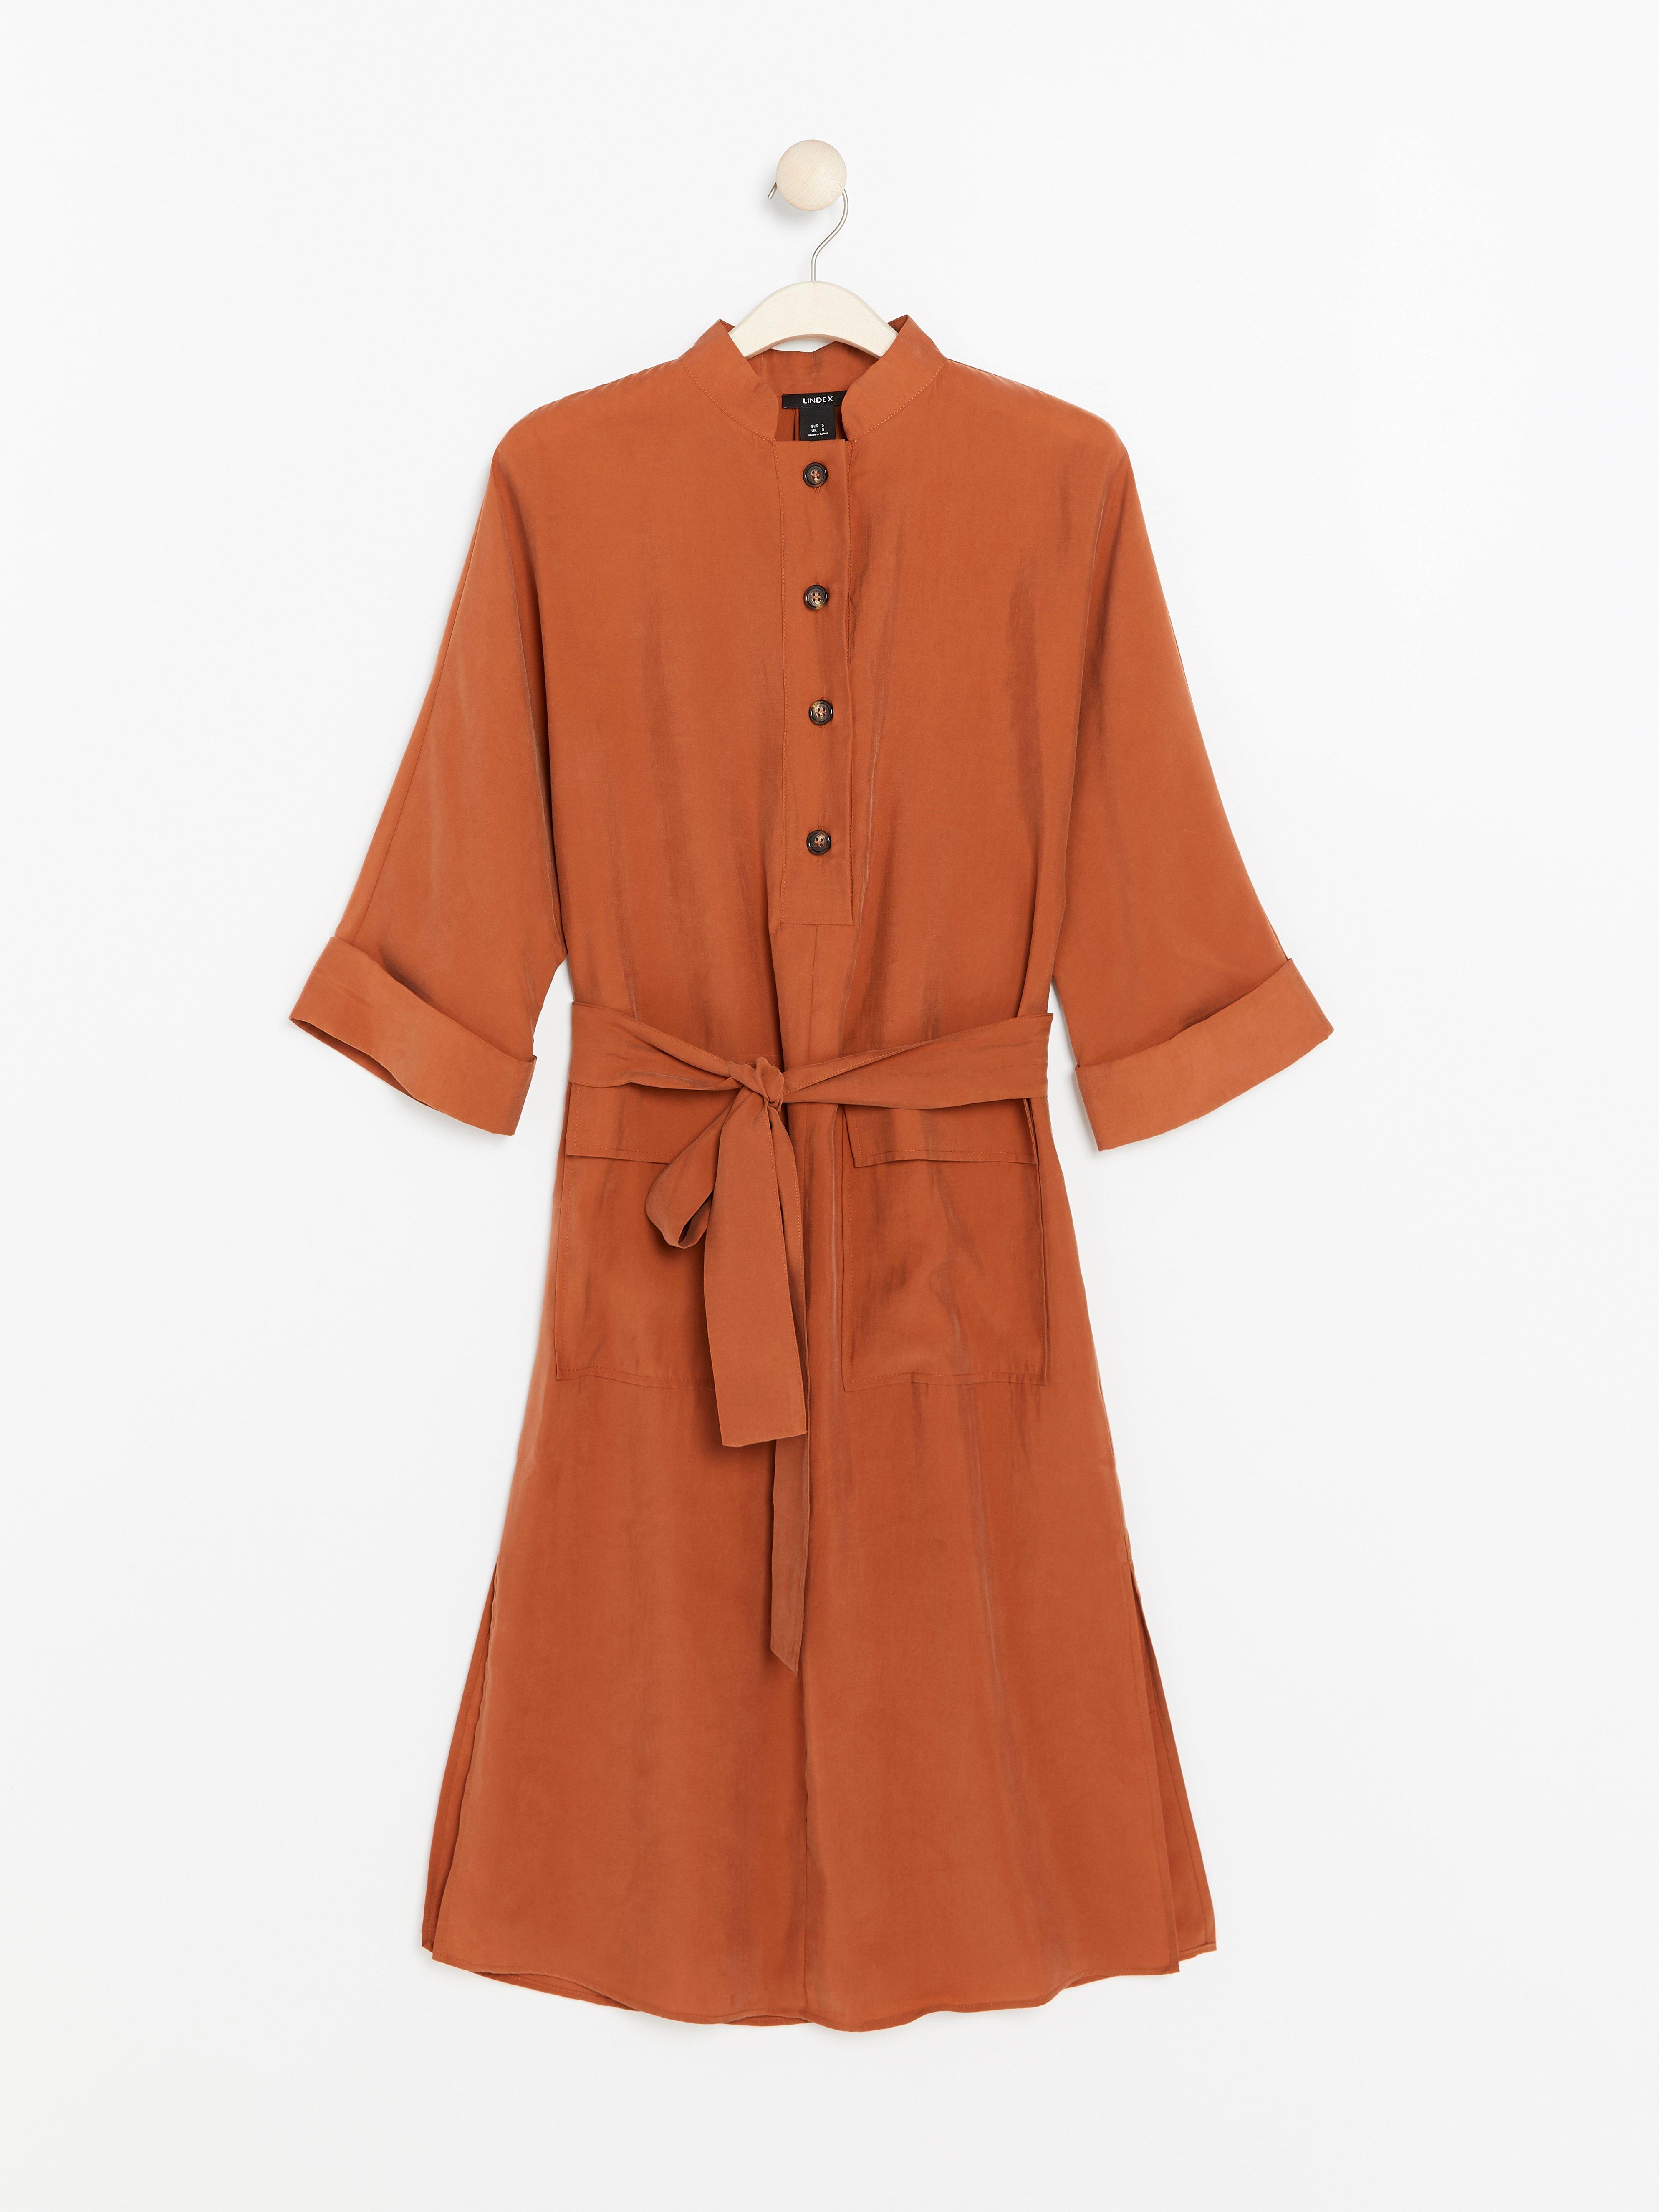 7827d0fd8e87 Bild på Orange klänning i modalblandning med knytskärp. Brand : Lindex